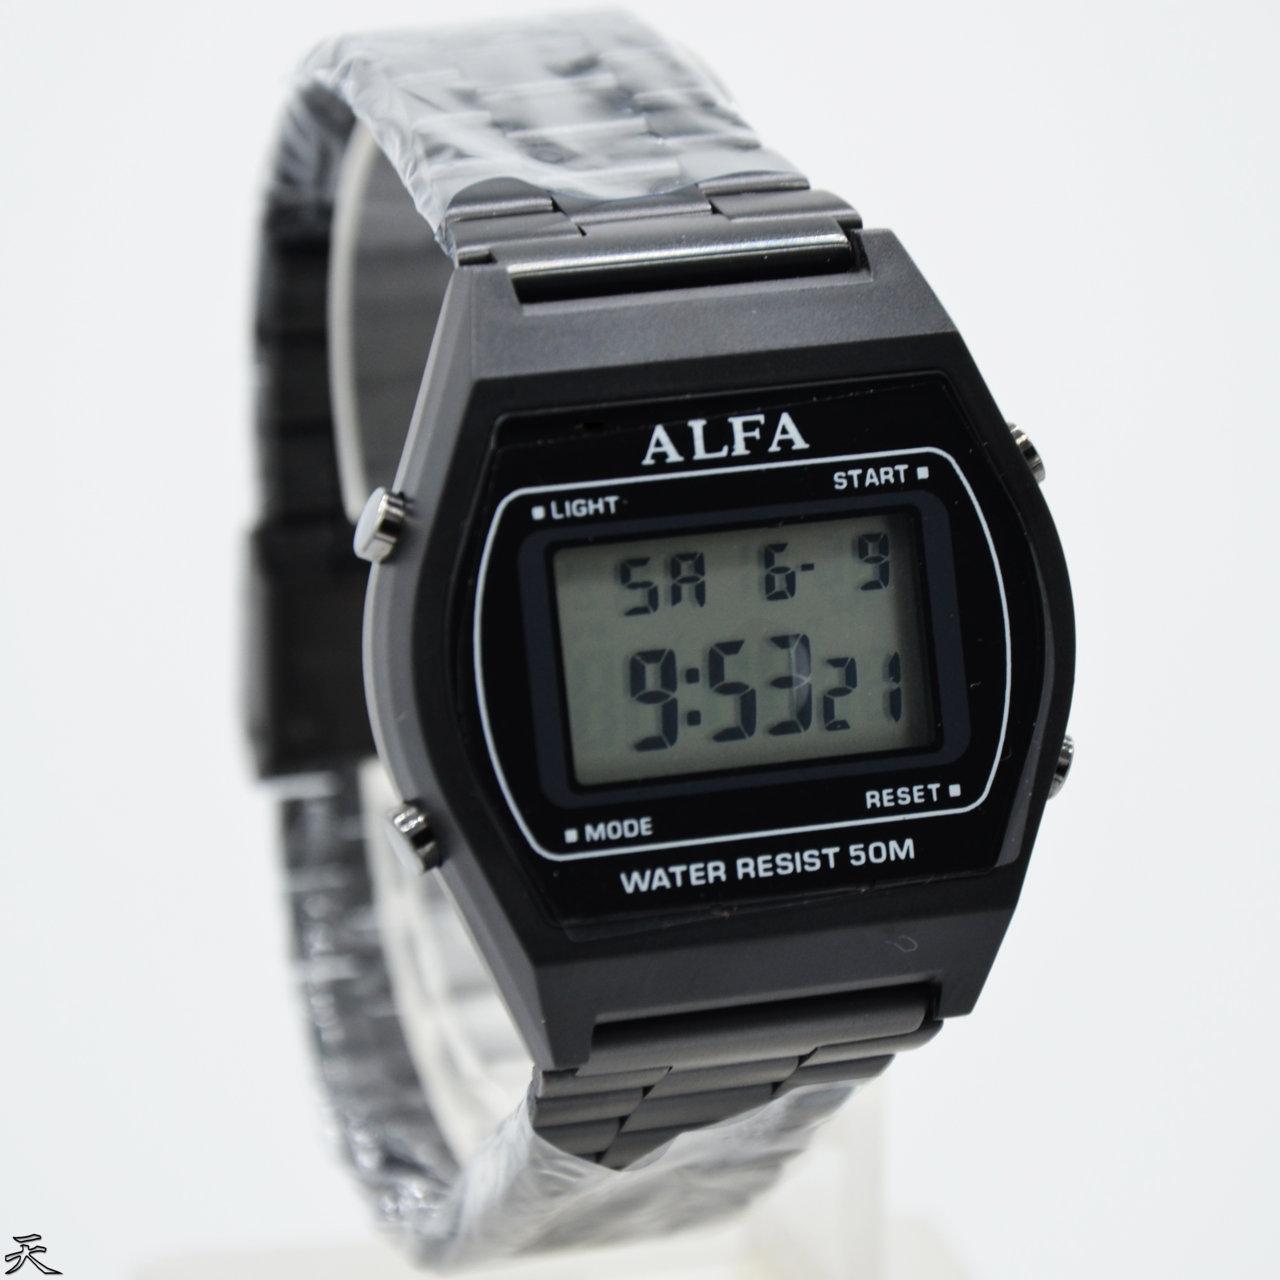 Alfa Digital Watch 8010 Jam Tangan Formal Wanita Murah - Anti Air - All Stainless - Original